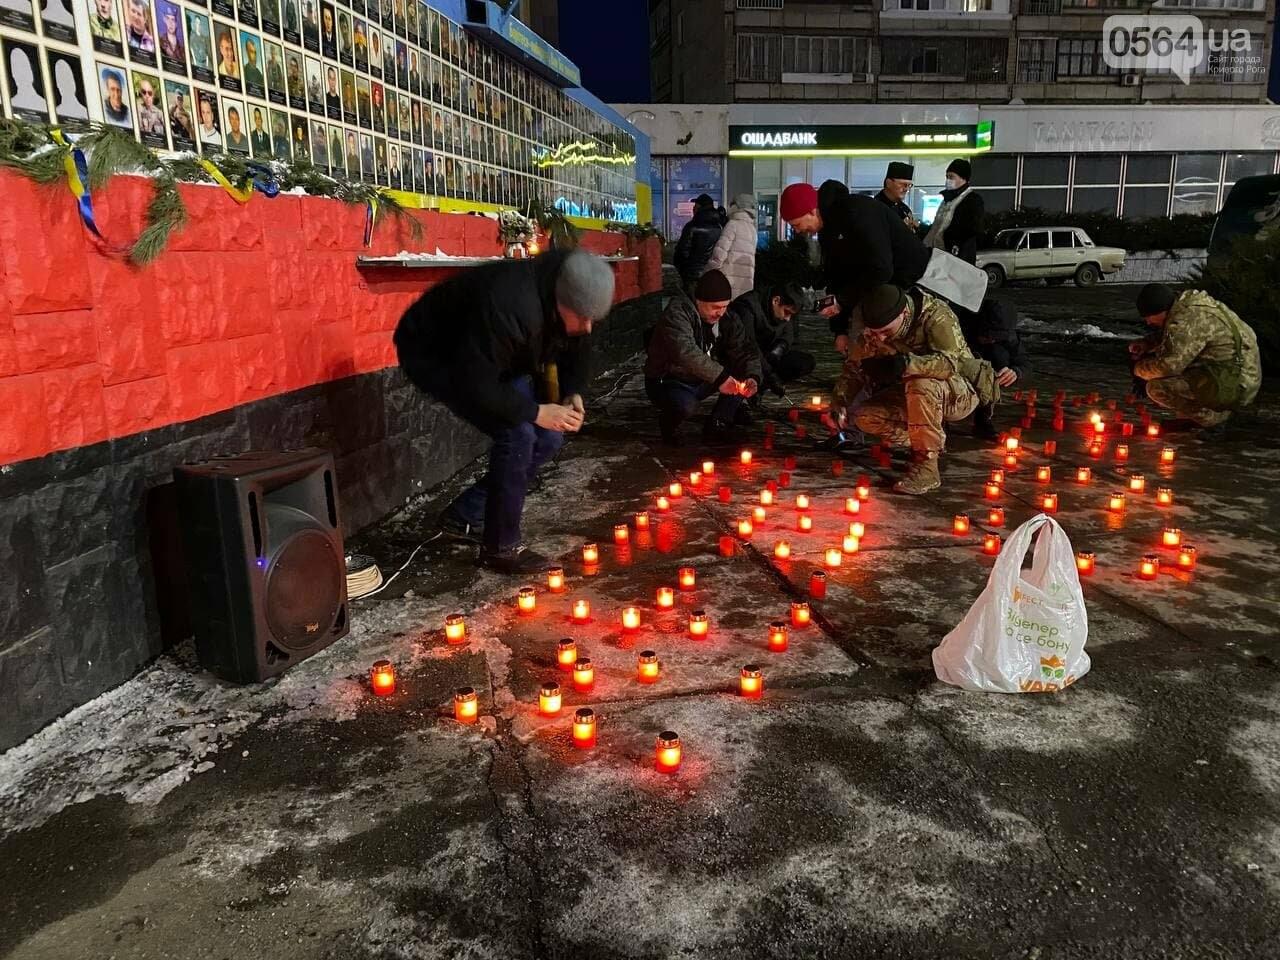 В Кривом Роге горожане вышли на митинг-реквием чтобы почтить память Героев Небесной Сотни, - ФОТО, ВИДЕО, фото-16